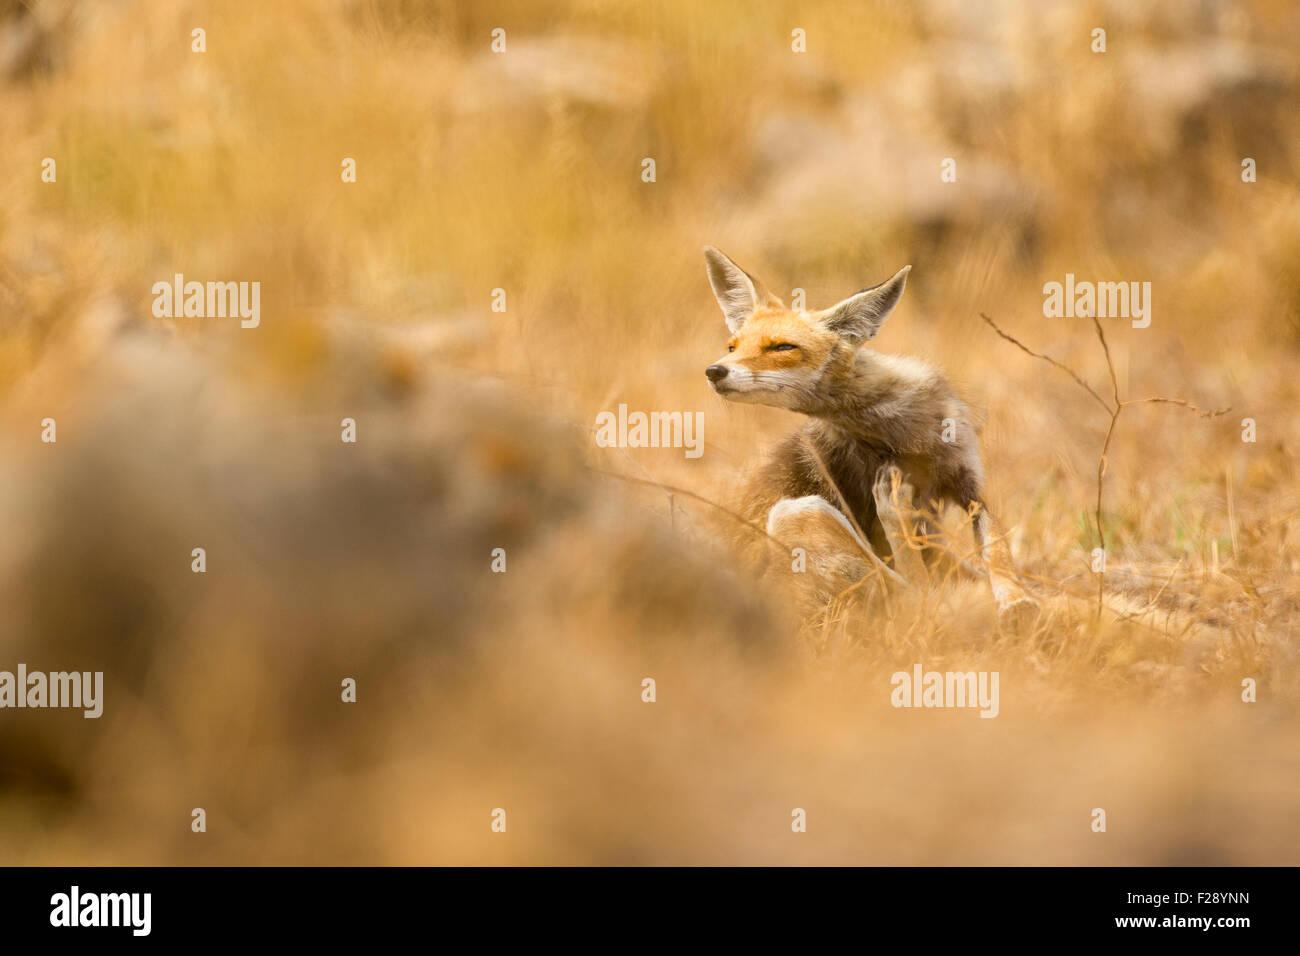 El Zorro Rojo (Vulpes vulpes). El zorro rojo es el mayor de los verdaderos zorros, así como siendo el más Imagen De Stock